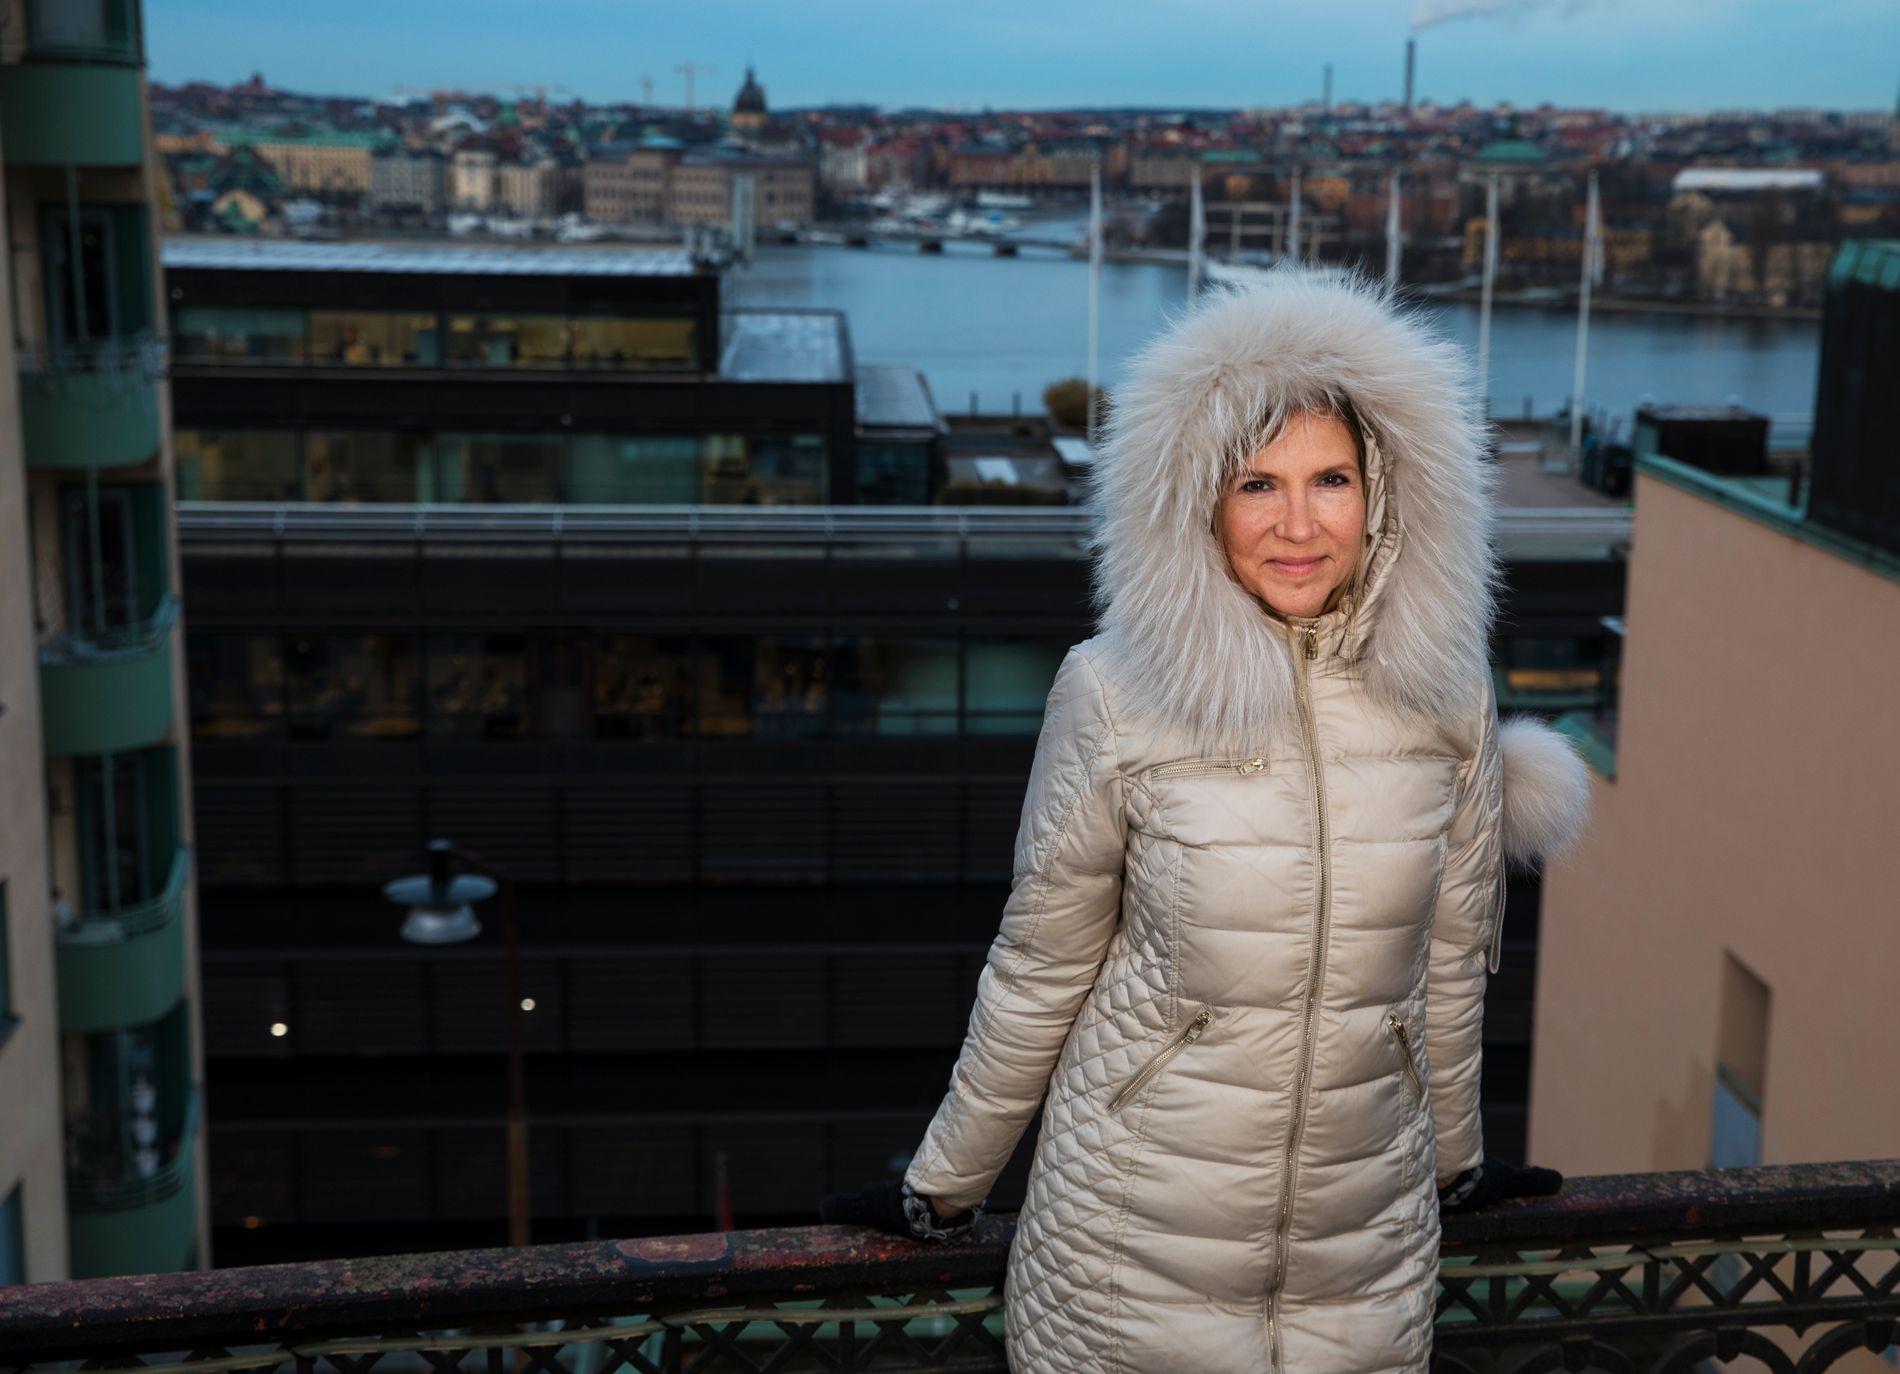 COMEBACK: Liza Marklund ble krimstjerne med serien om journalisten om Annika Bengtzon. Nå er hun tilbake med noe helt annet. En bok som både er en kjærlighetsroman, oppvekstroman og thriller i ett.